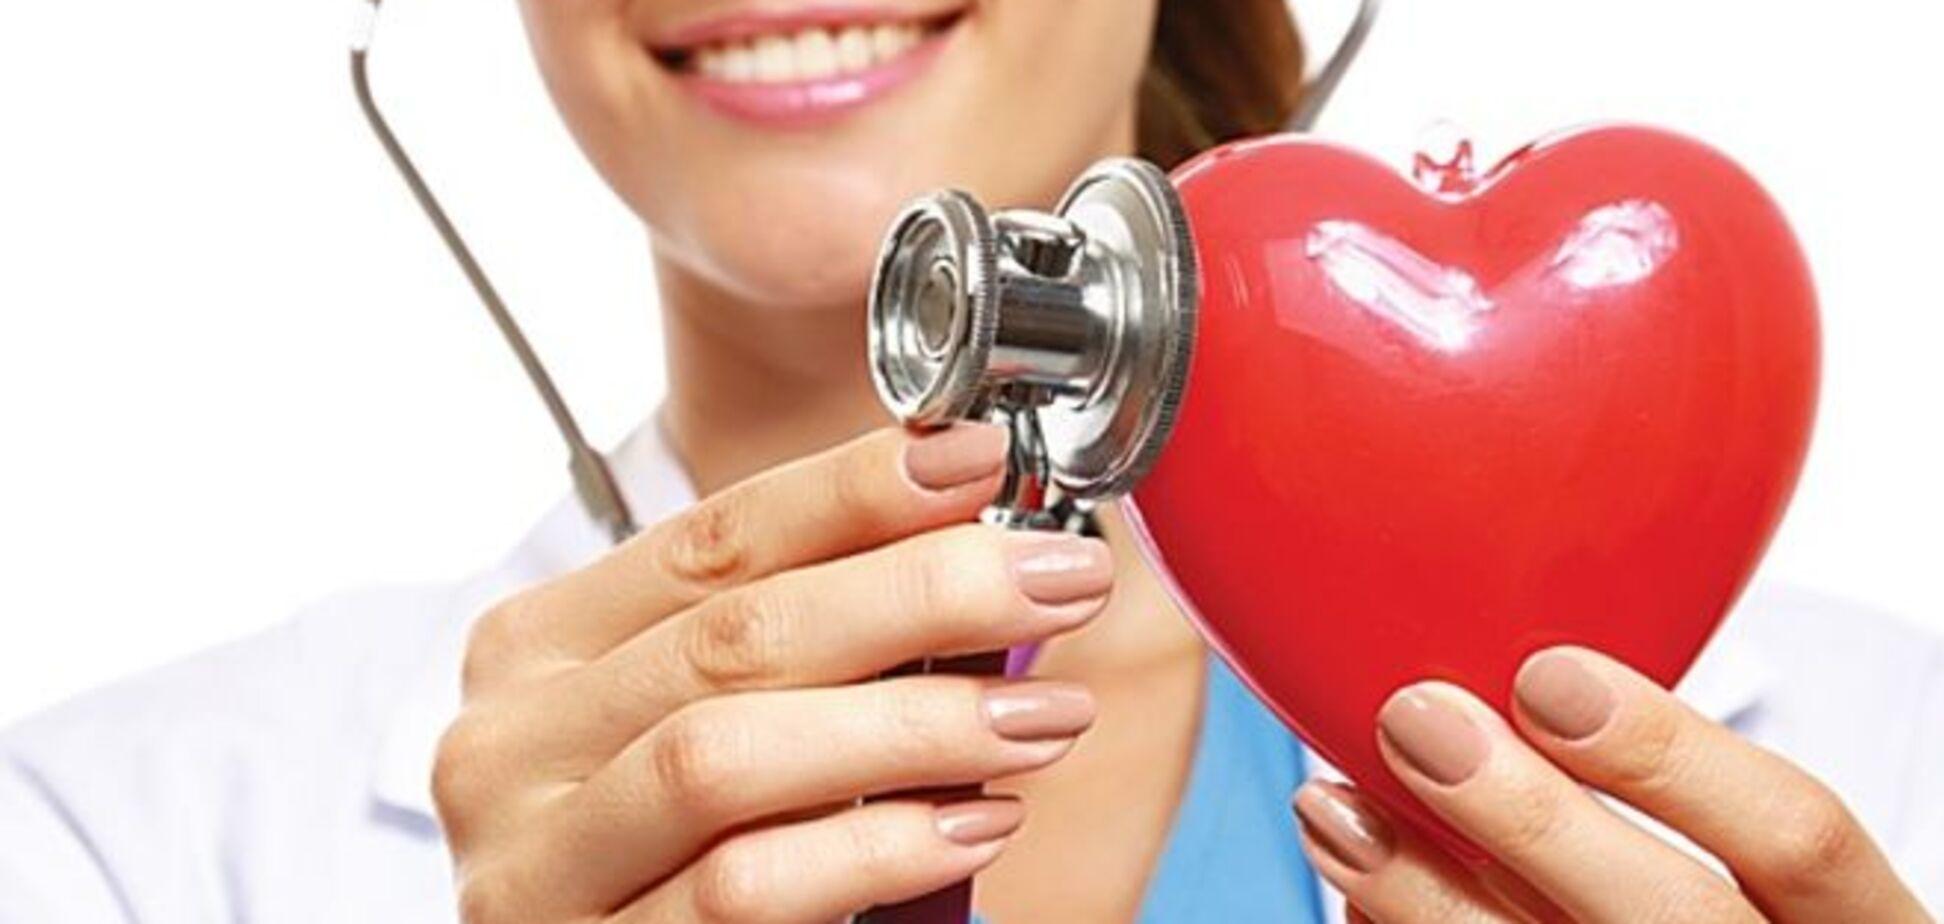 Ученые нашли действенный способ восстановления сердца